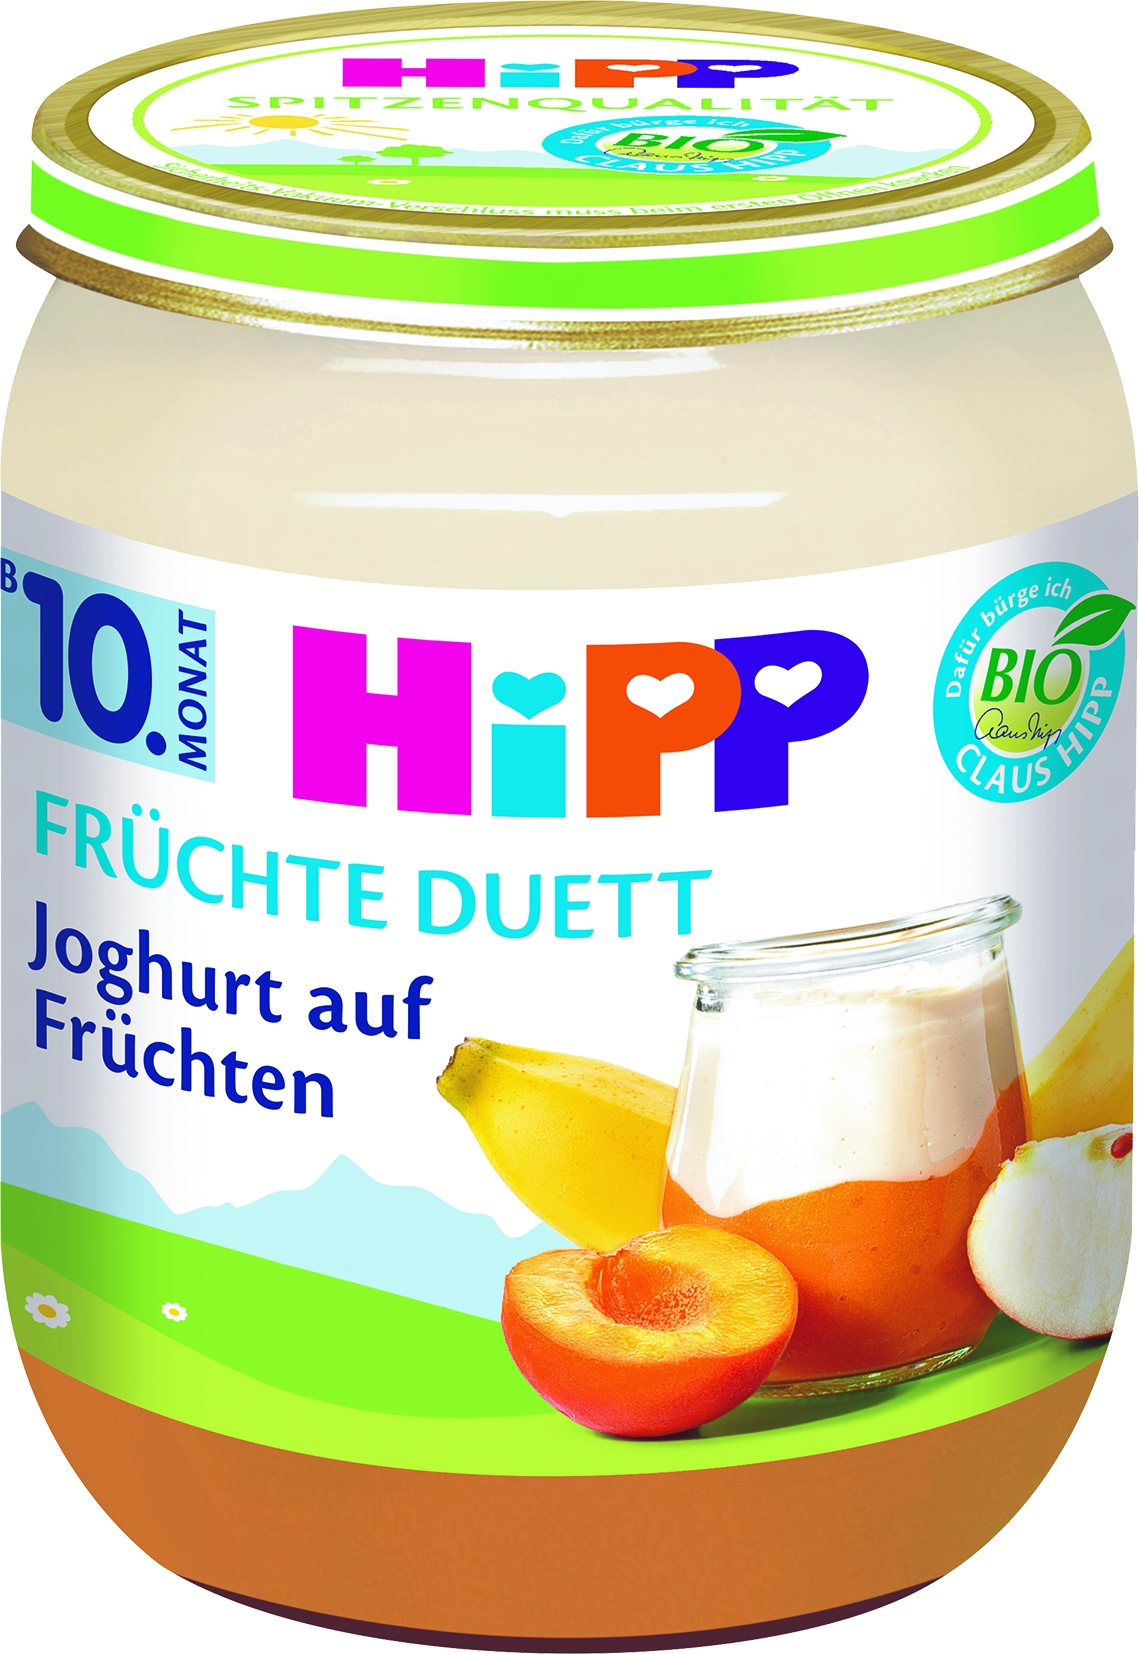 Bio 5475-01 Joghurt/Frucht